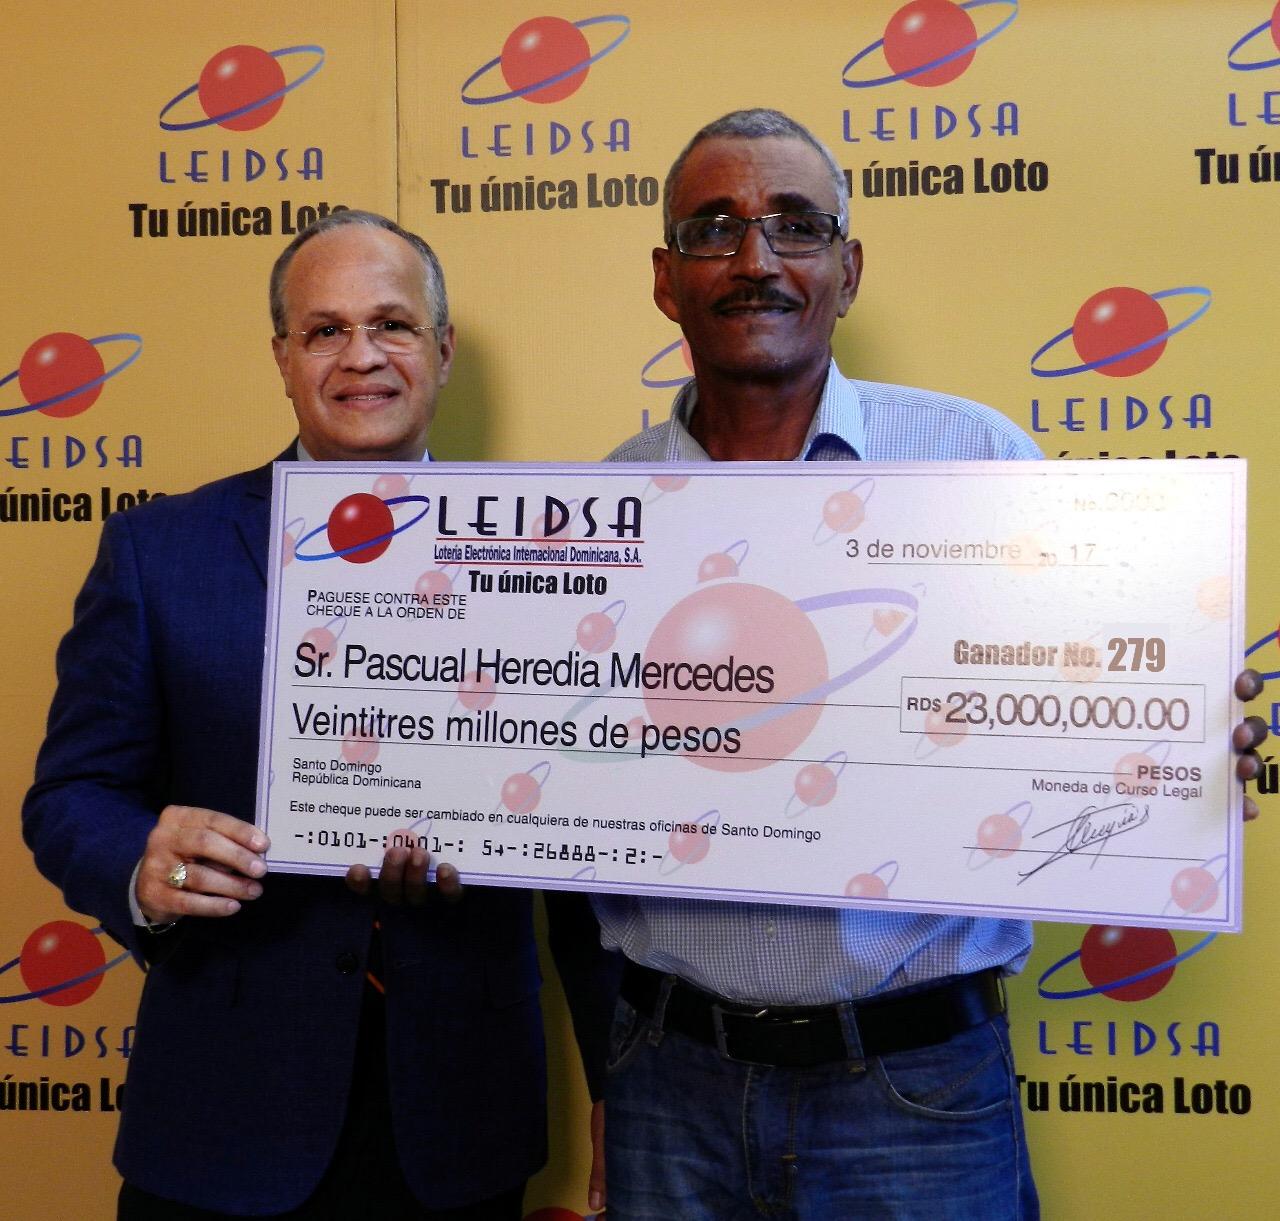 LEIDSA entrega 23 millones de pesos a ganador de sorteo